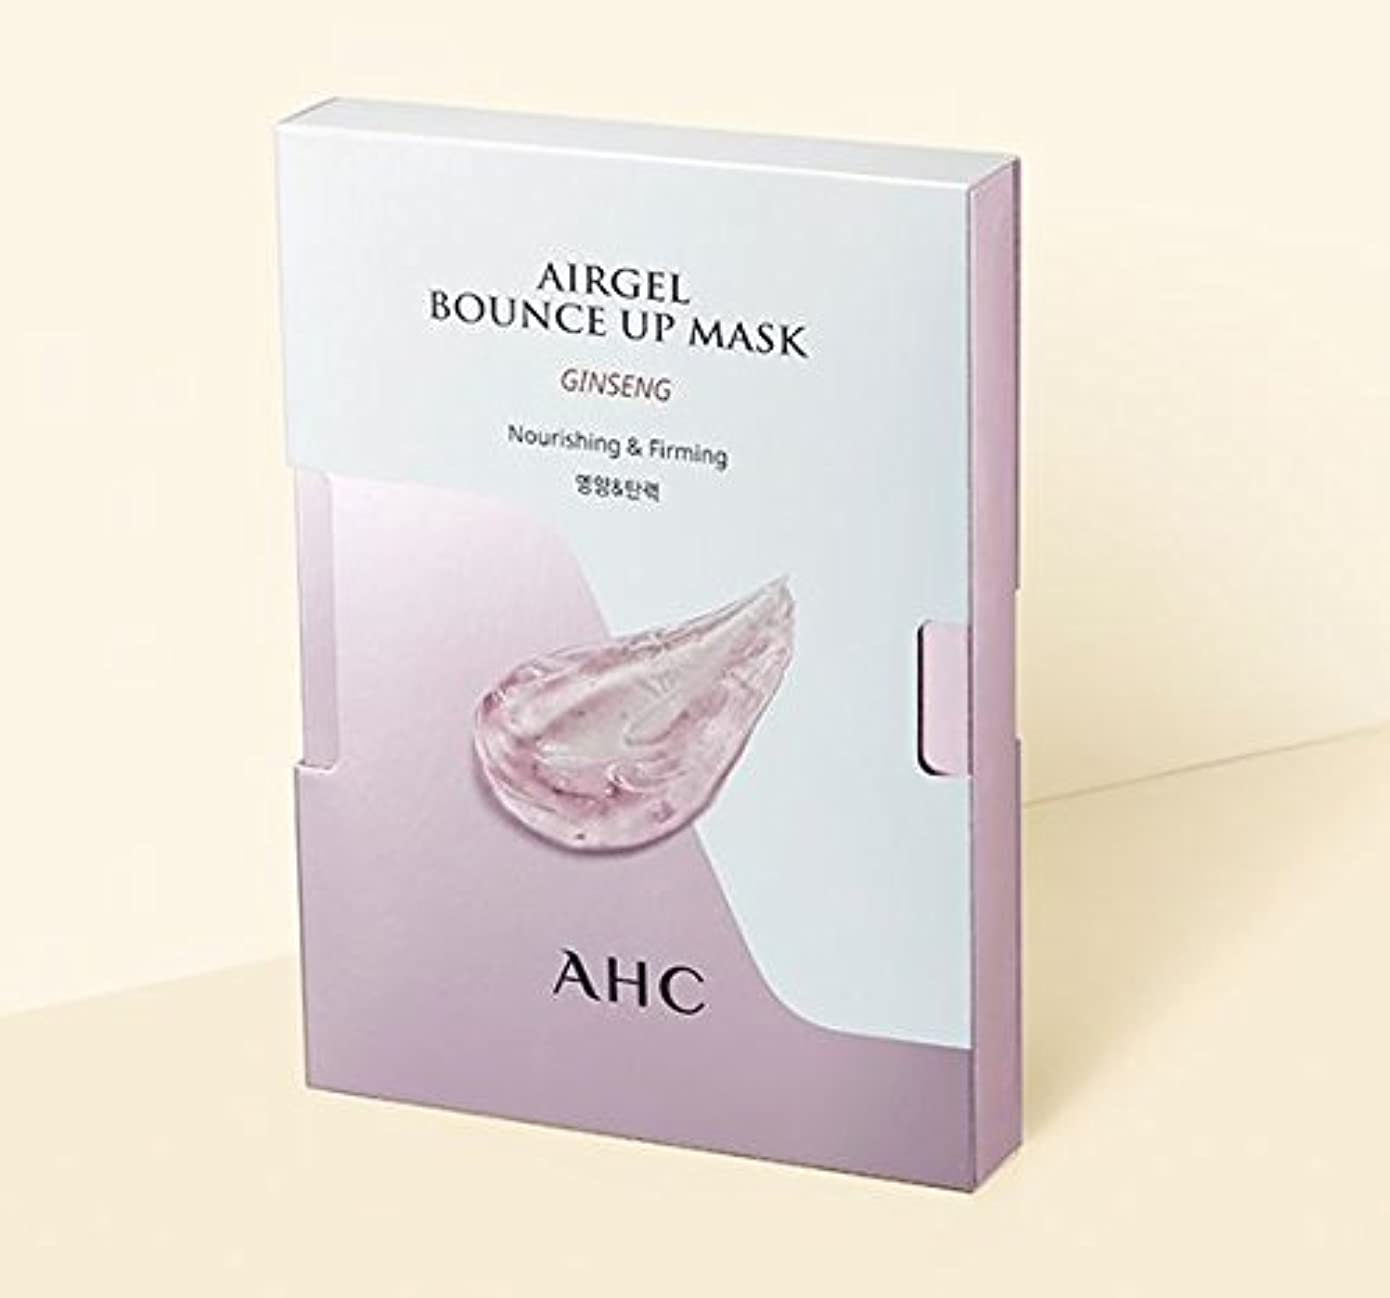 水陸両用接触恐ろしい[A.H.C] Airgel Bounce Up Mask GINSENG (Nourishing&Firming)30g*5sheet/ジンセンエアゲルマスク30g*5枚 [並行輸入品]